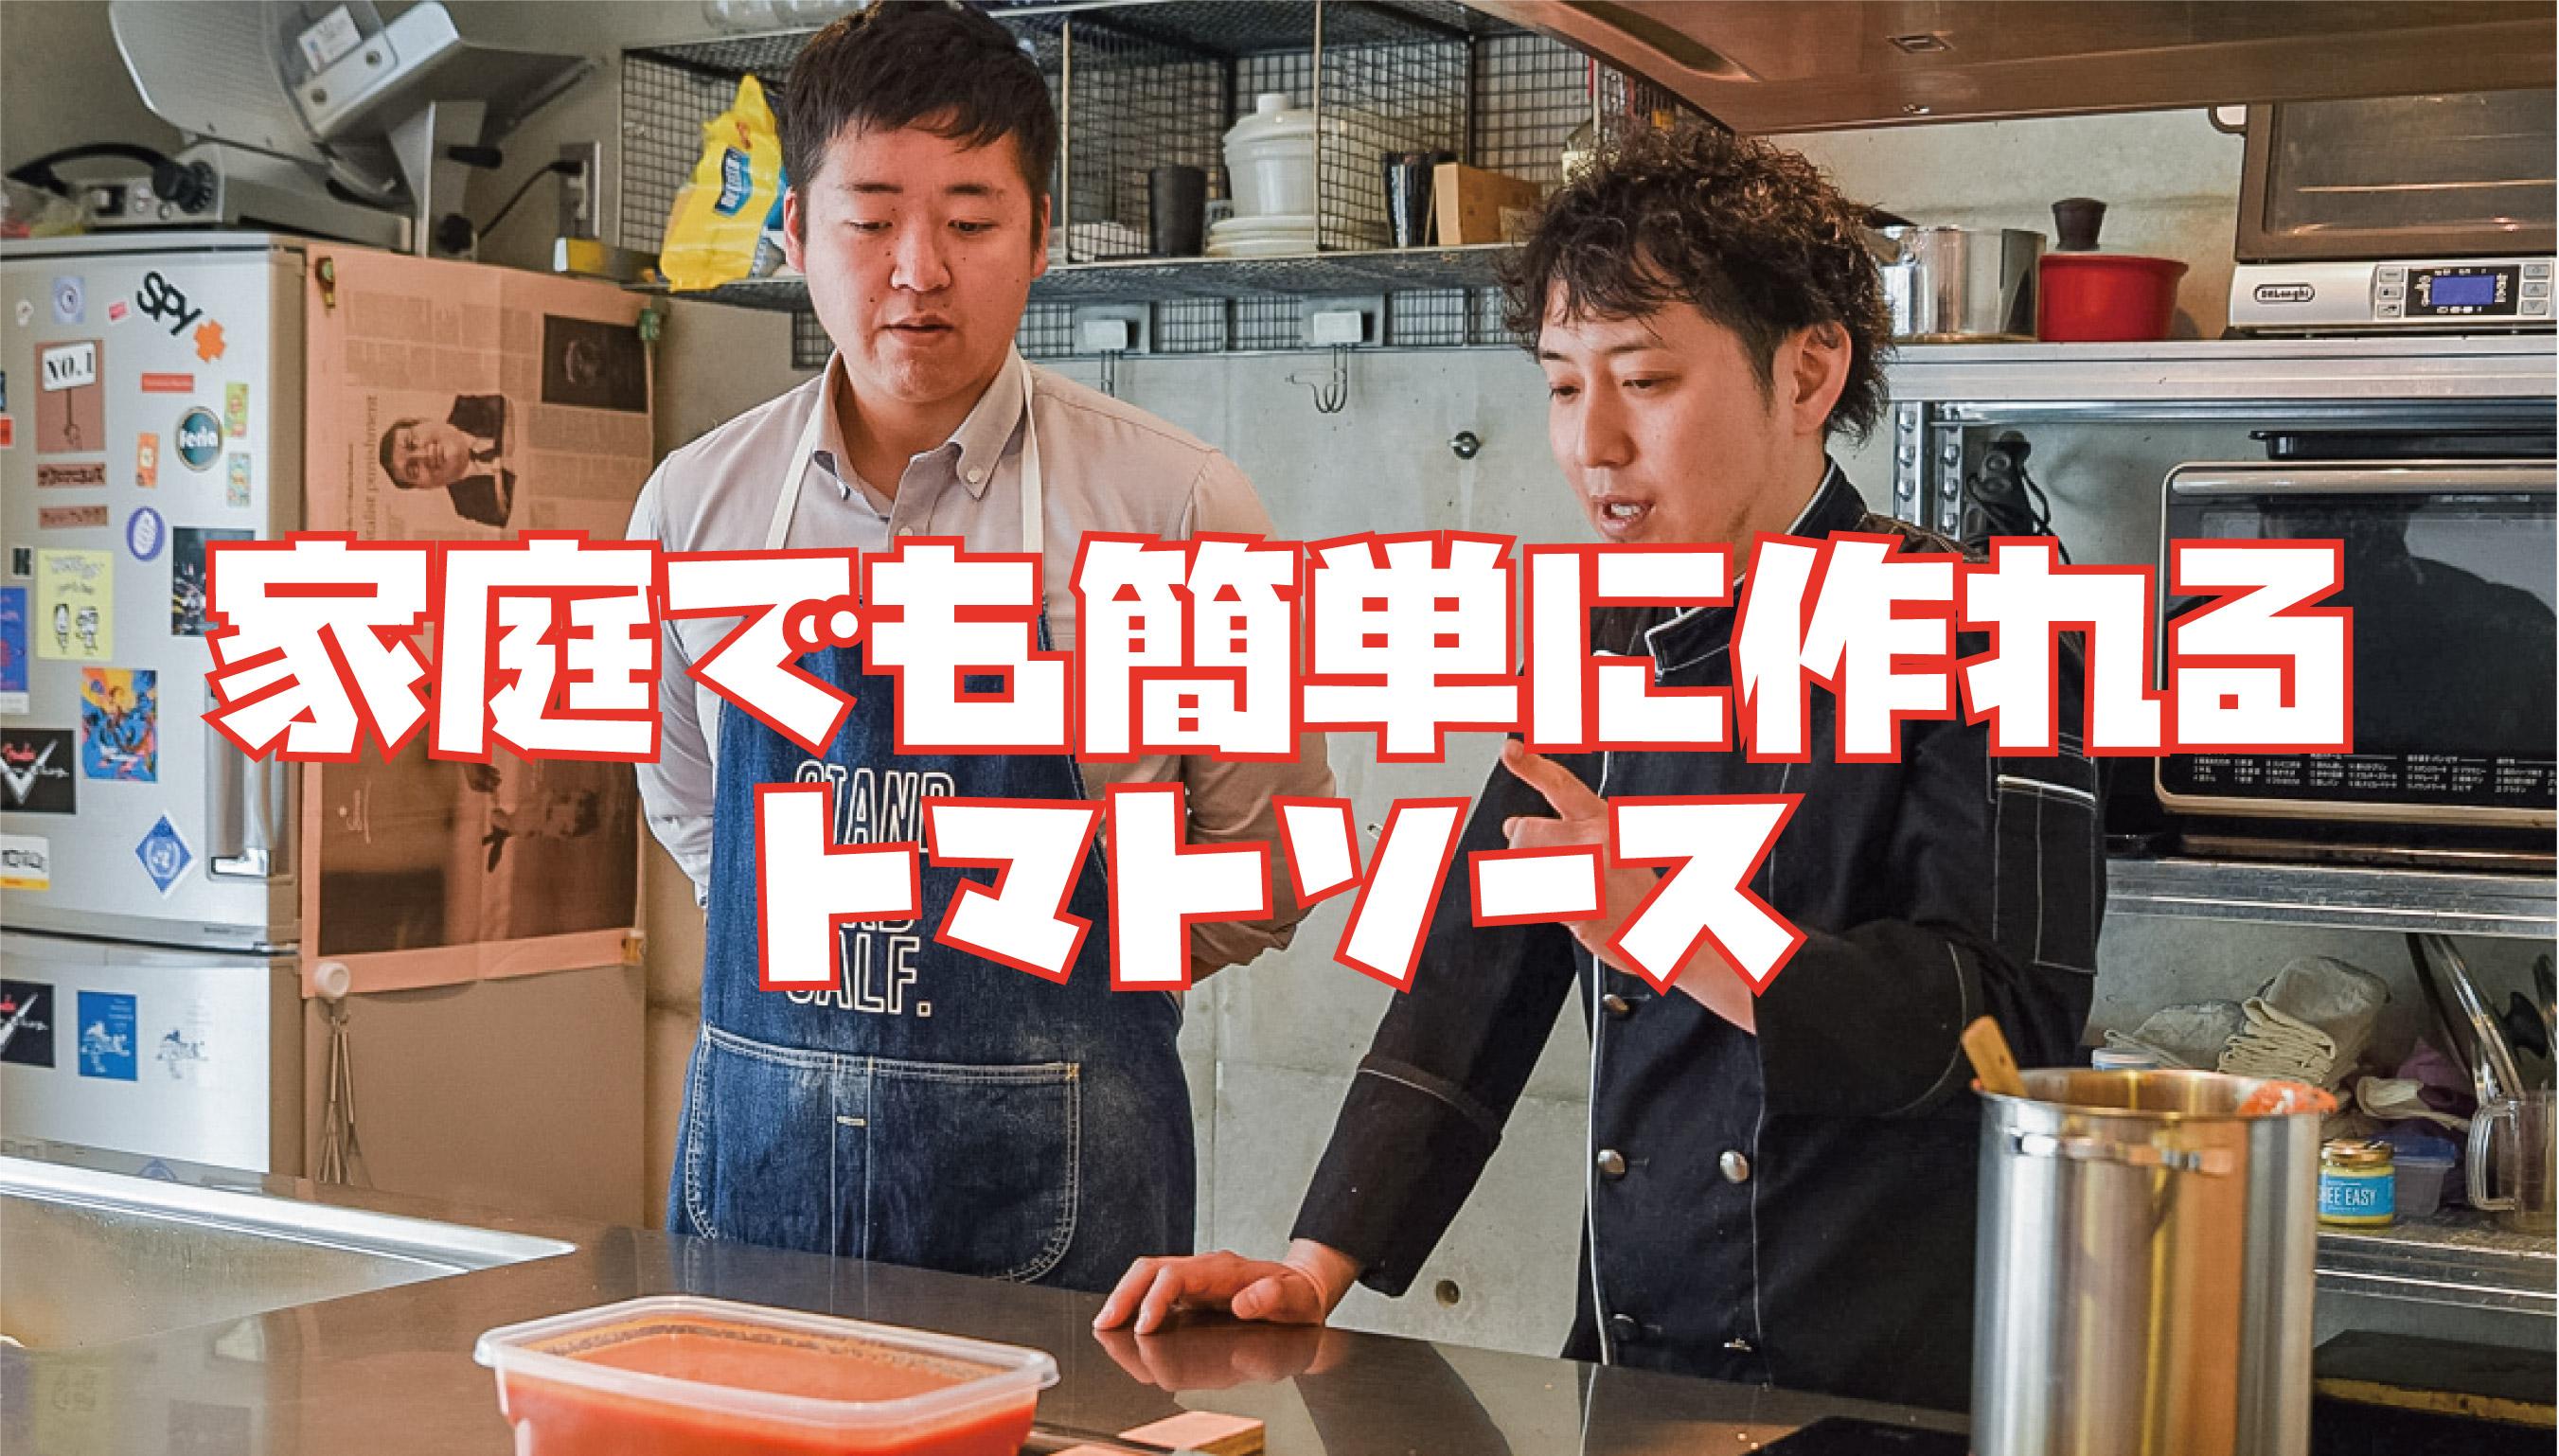 トマトソース 太郎メシ リストランテ太郎 FATDJ YAMANOMAN